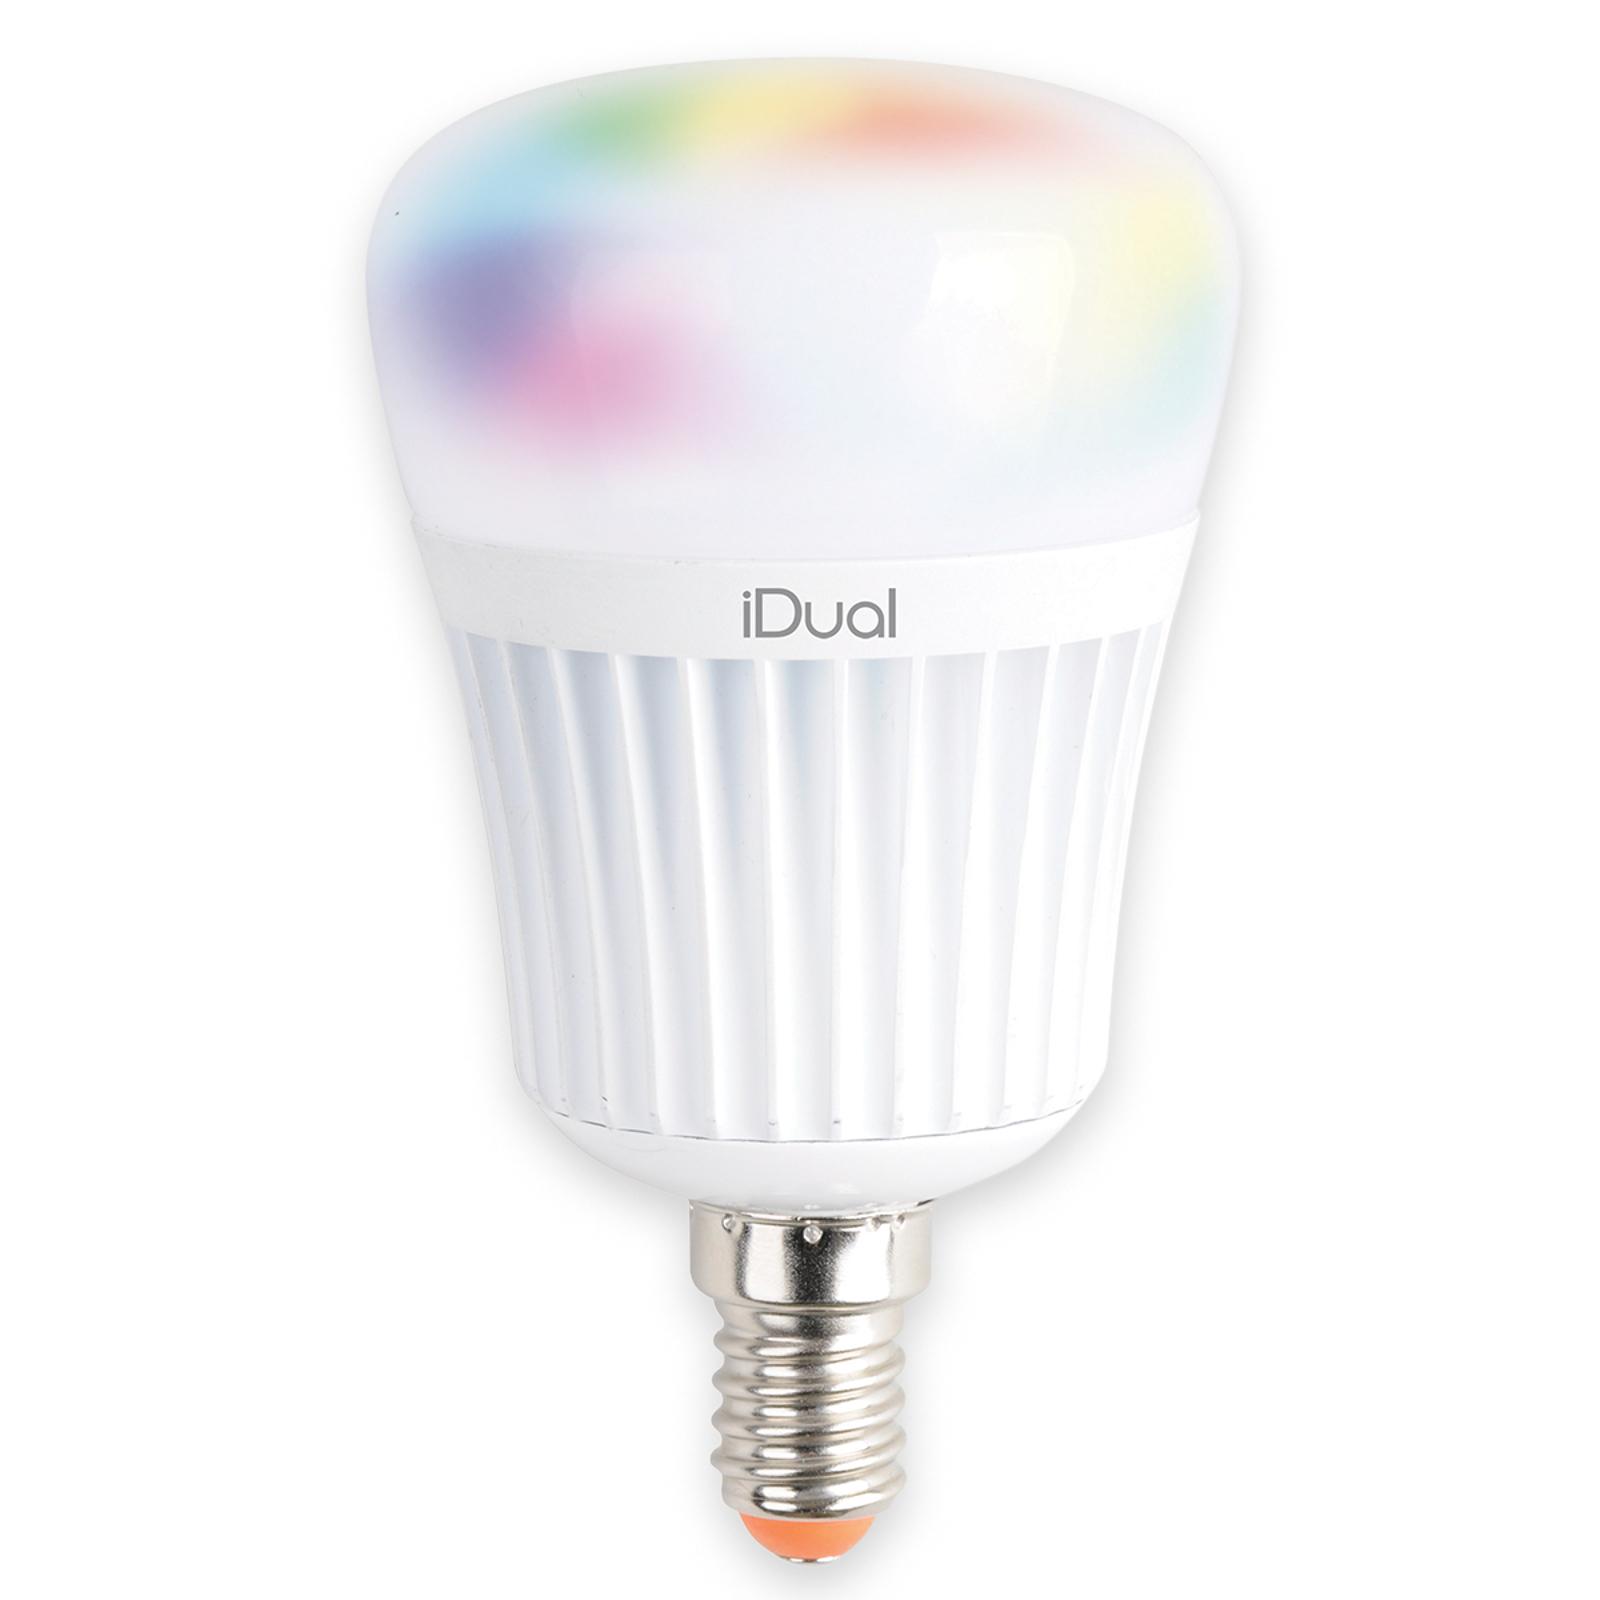 E14 iDual LED-Lampe 7 W RGB ohne Fernbedienung